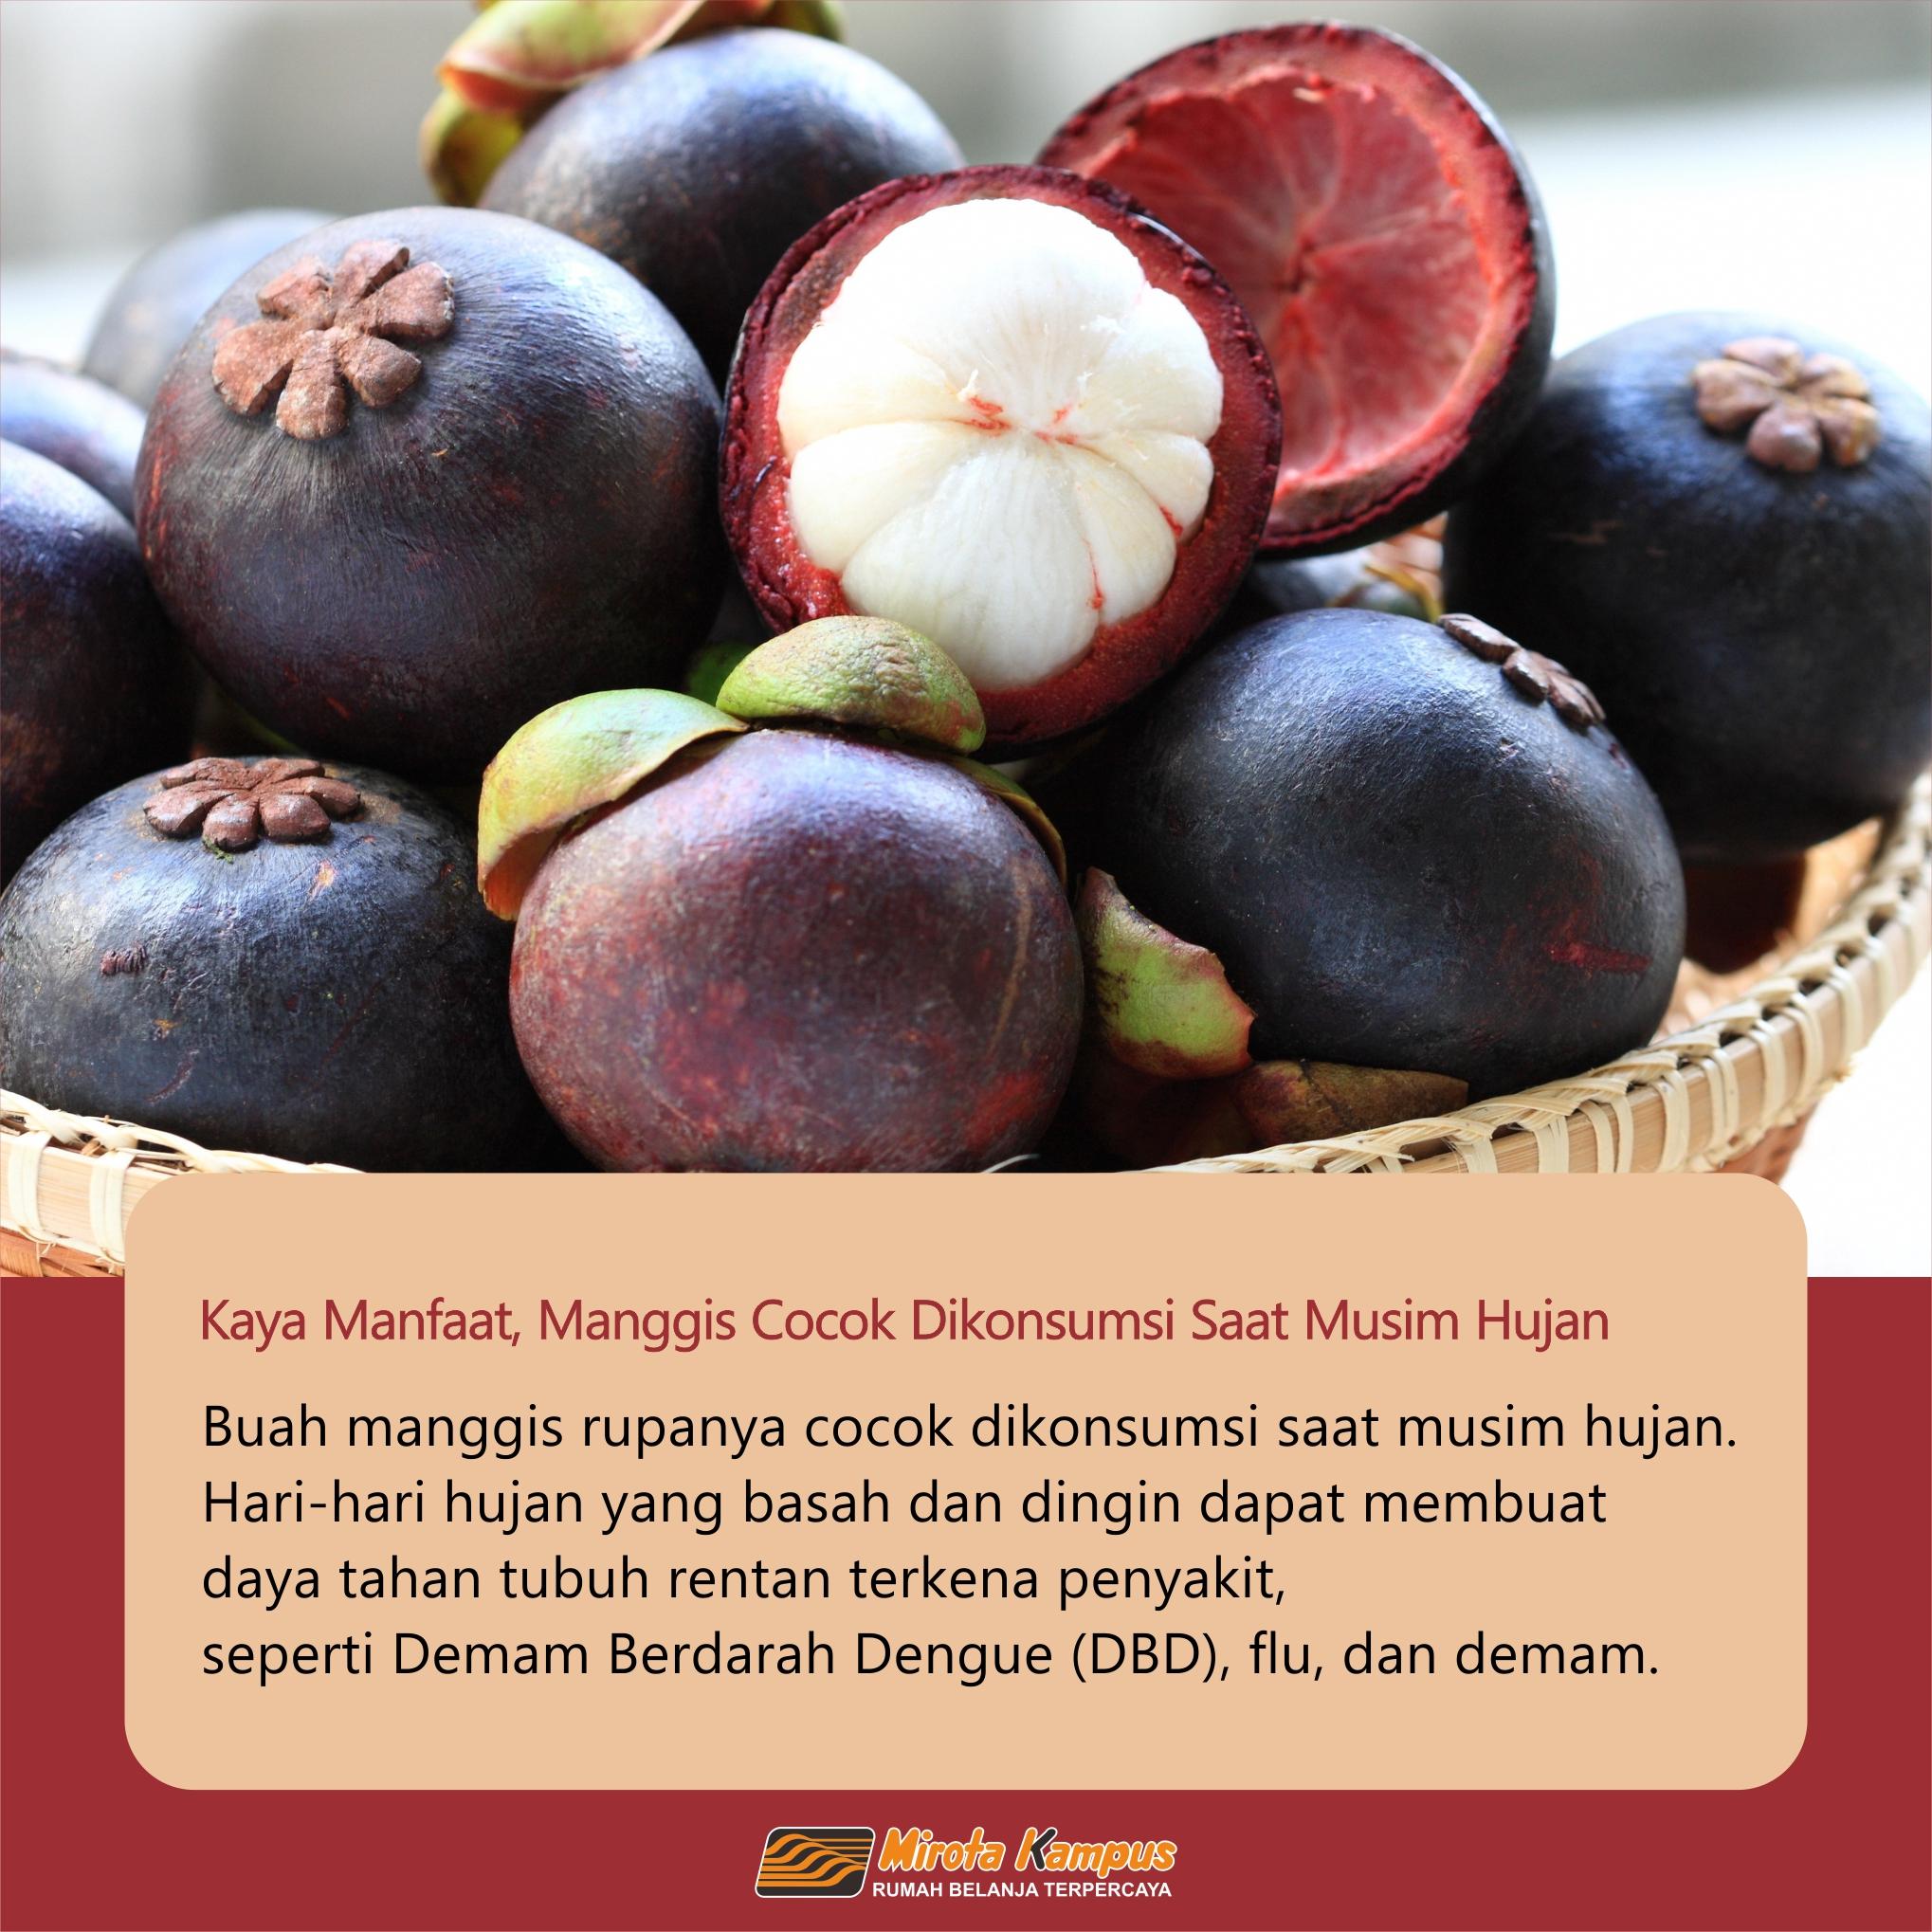 Kaya Manfaat, Manggis Cocok Dikonsumsi Saat Musim Hujan